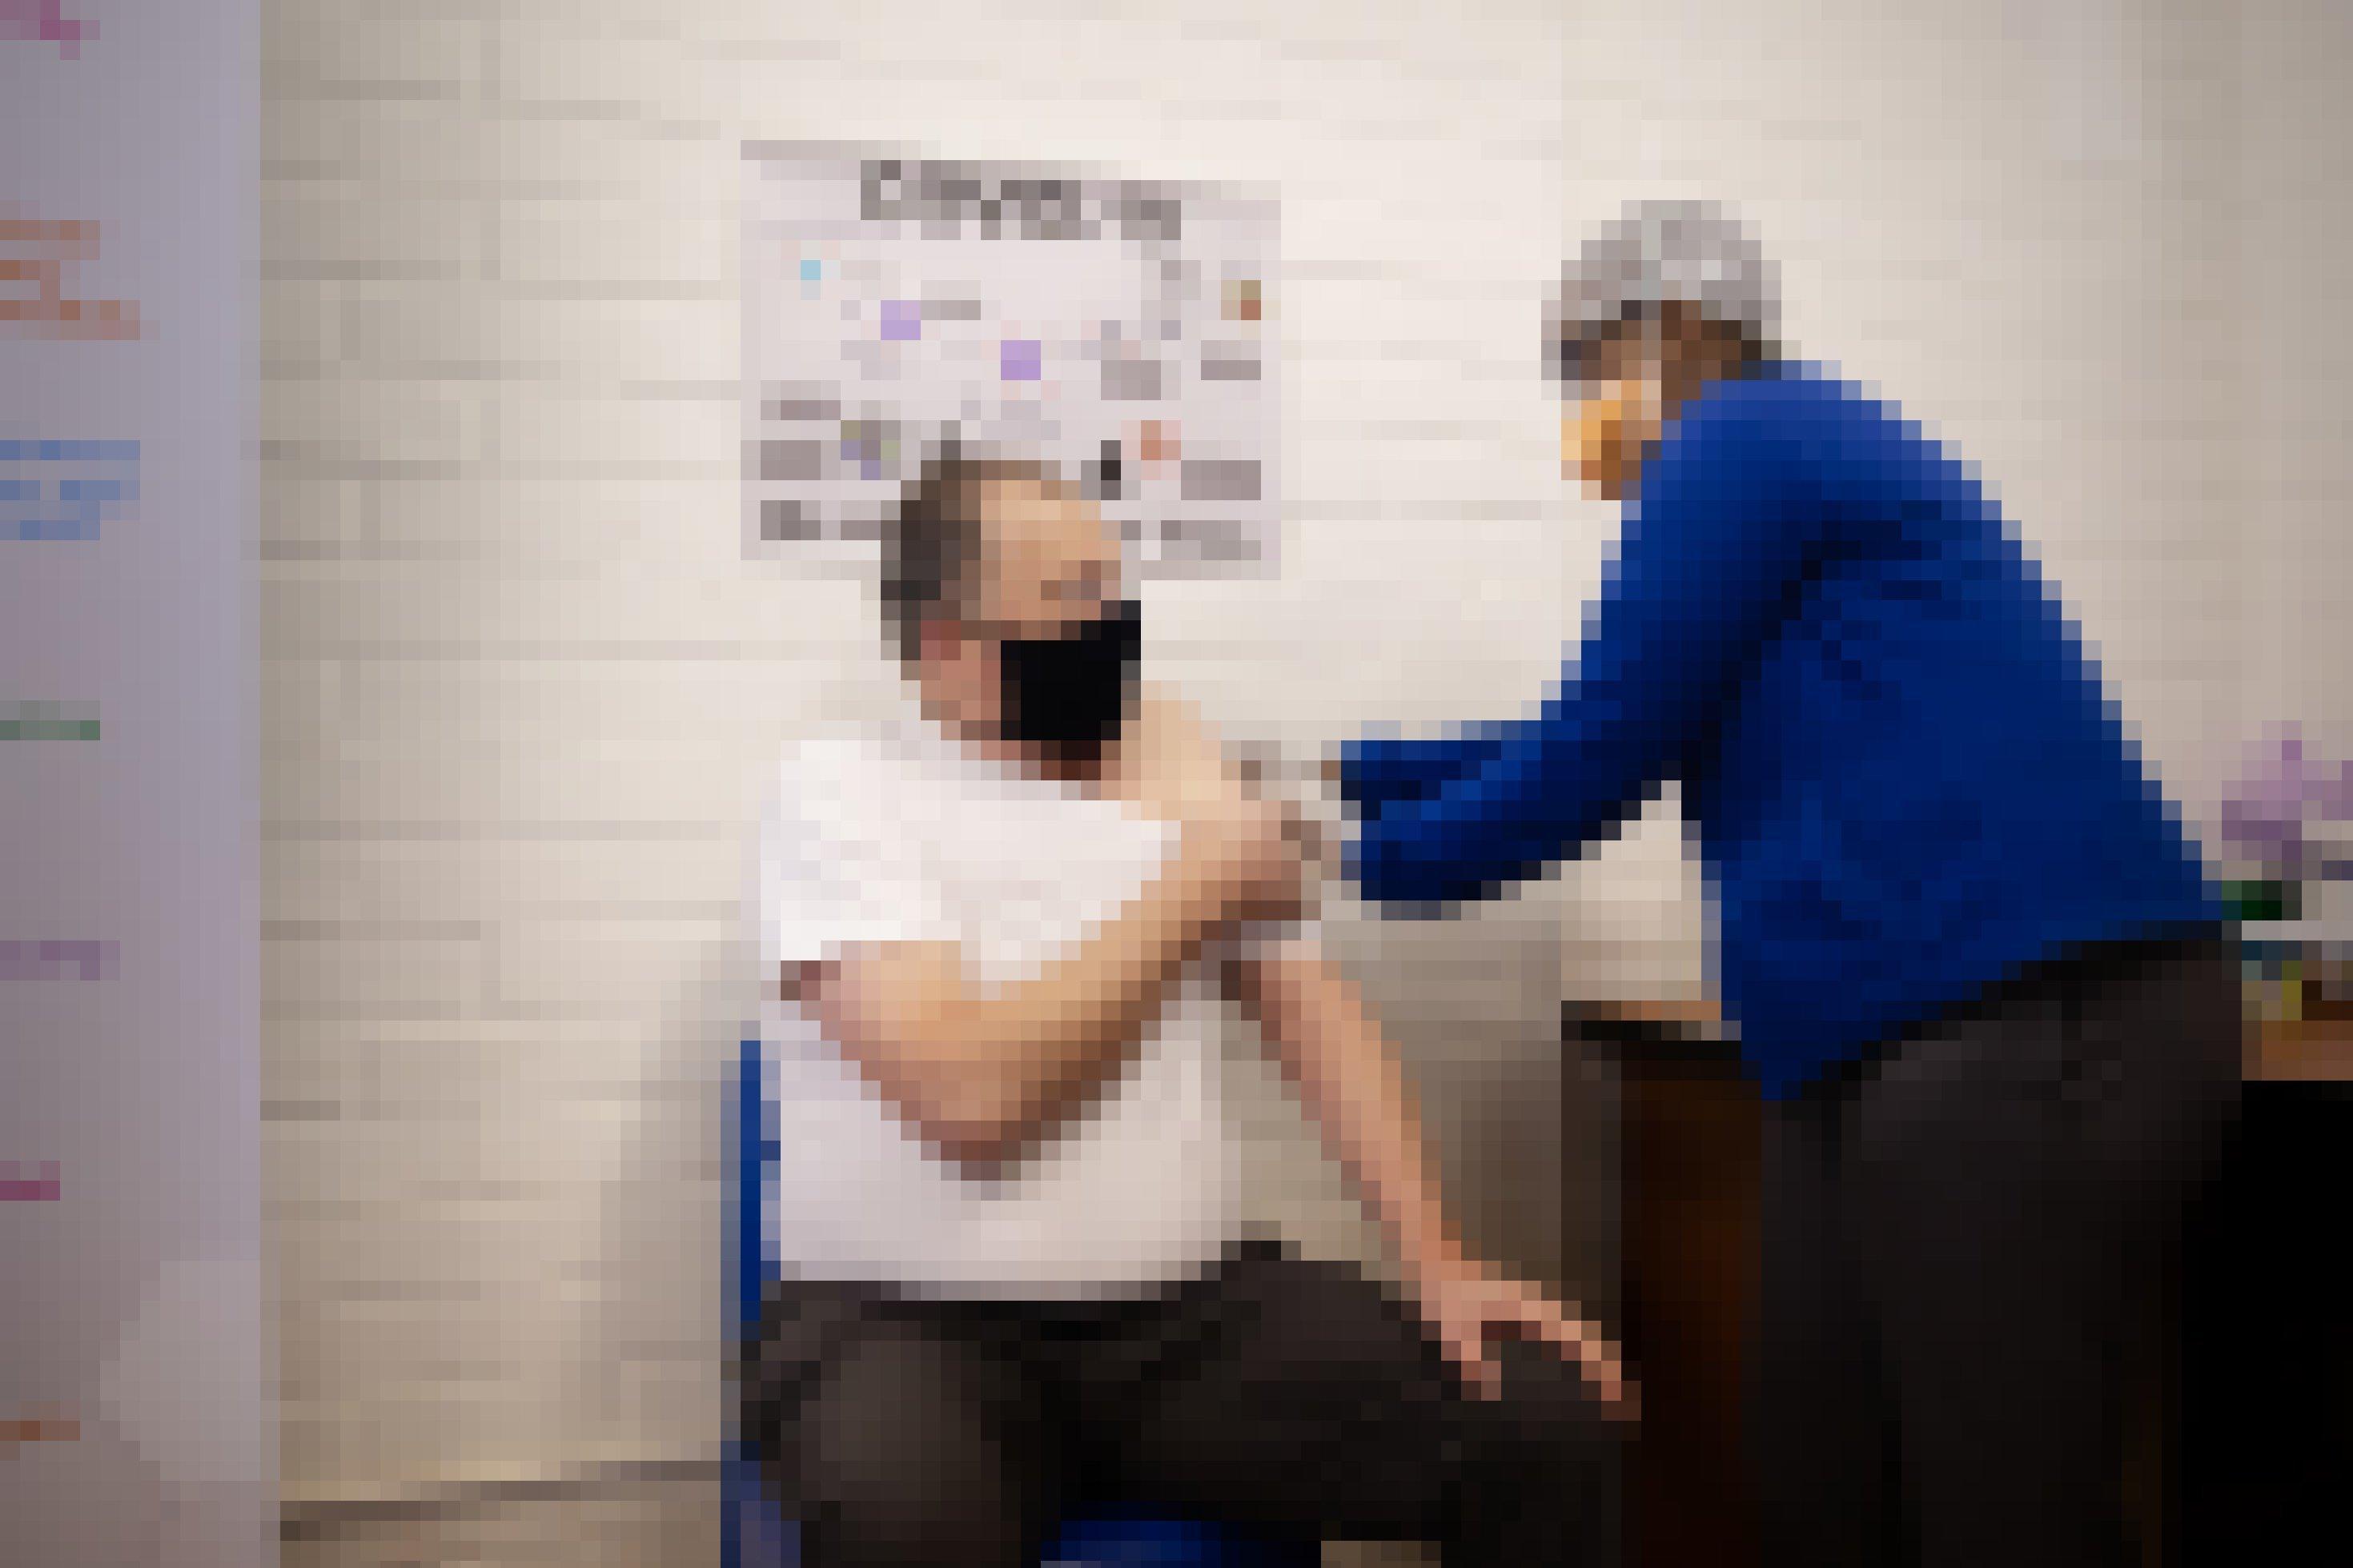 Professor Martin Veller bekommt die Injektion mit der Impfung bzw dem Placebo, er trägt eine Maske, ebenso wie der Mitarbeiter, der ihm die Spritze gibt.